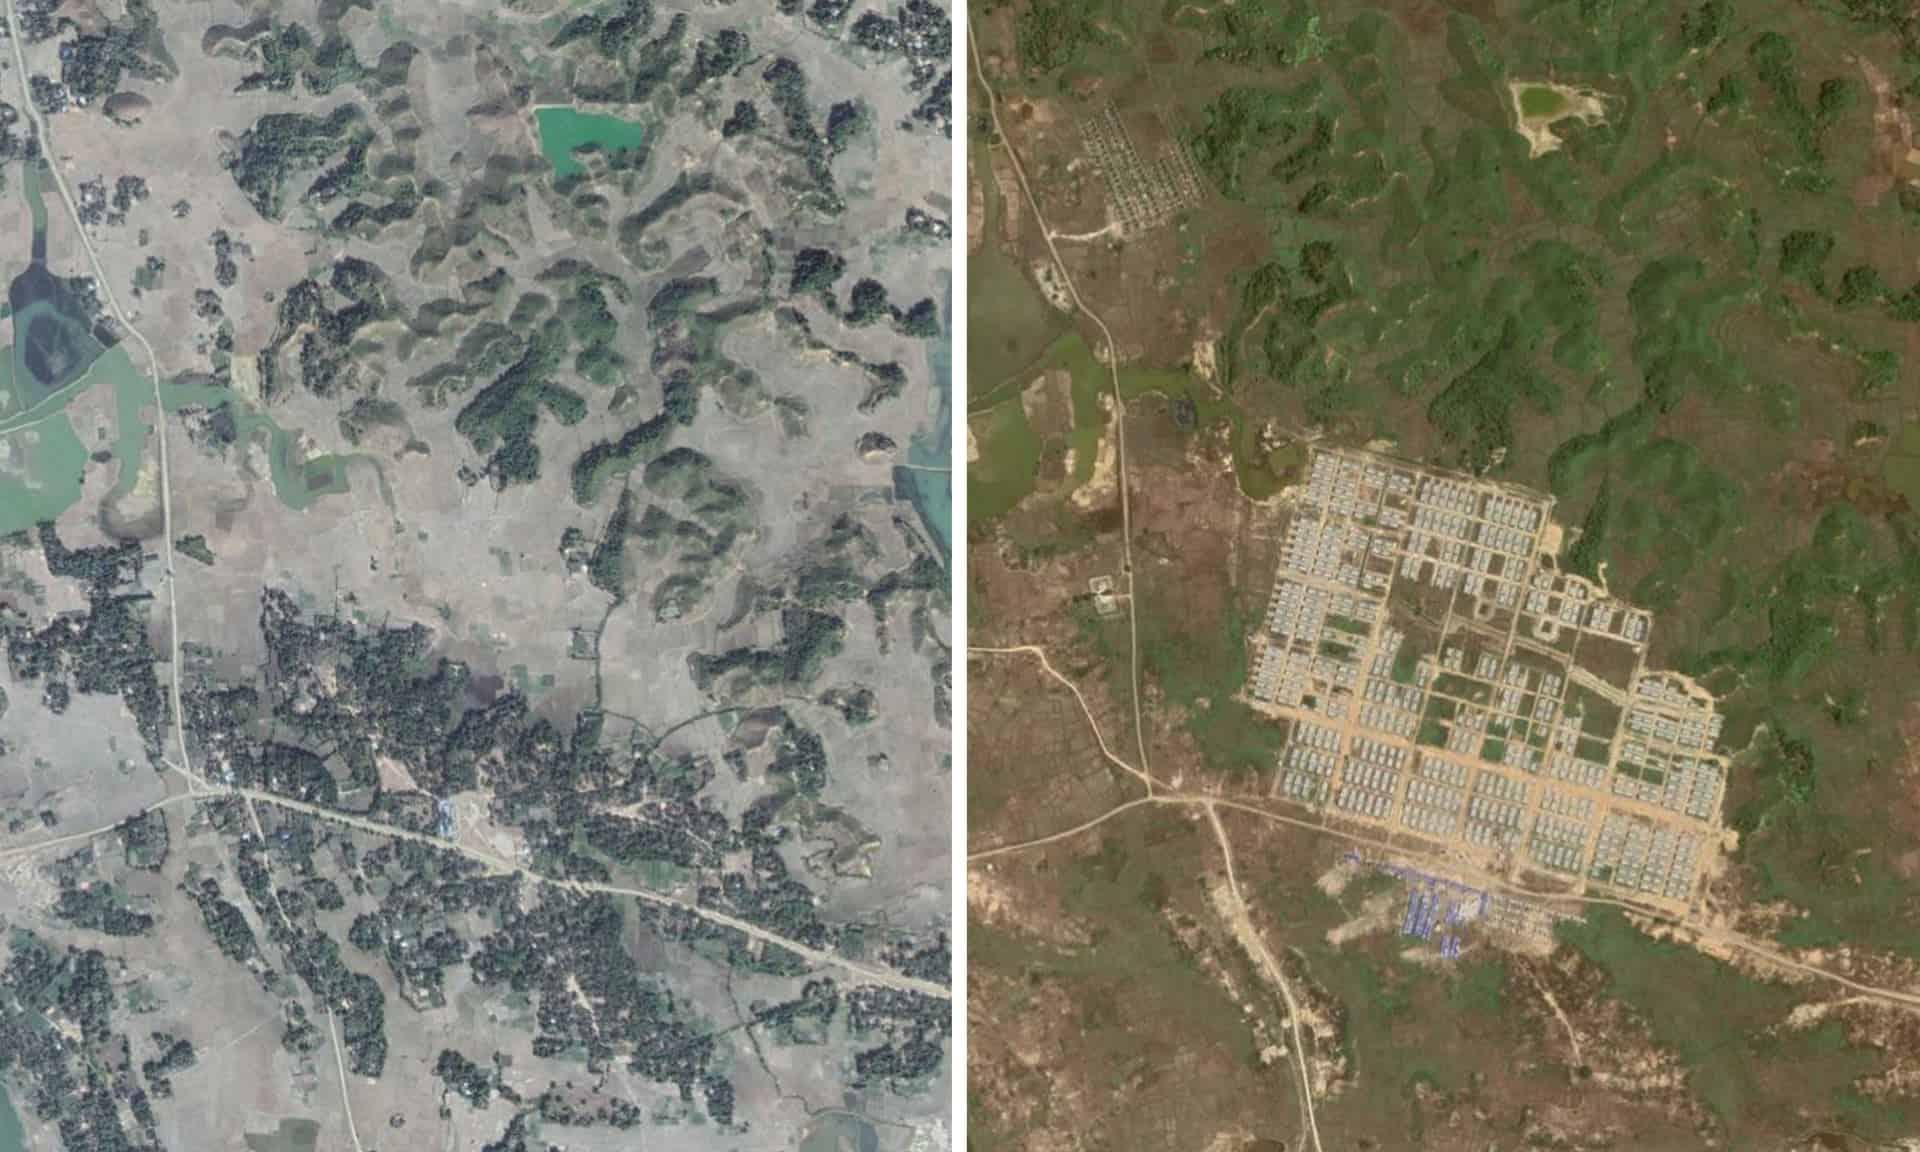 A foto da esquerda mostra a área antes ocupada pela aldeia de Hla Pho Khaung. A segunda foto, de 2019, mostra a construção do campo de trânsito de Hla Pho Khaung, que servirá provavelmente para abrigar os retornados